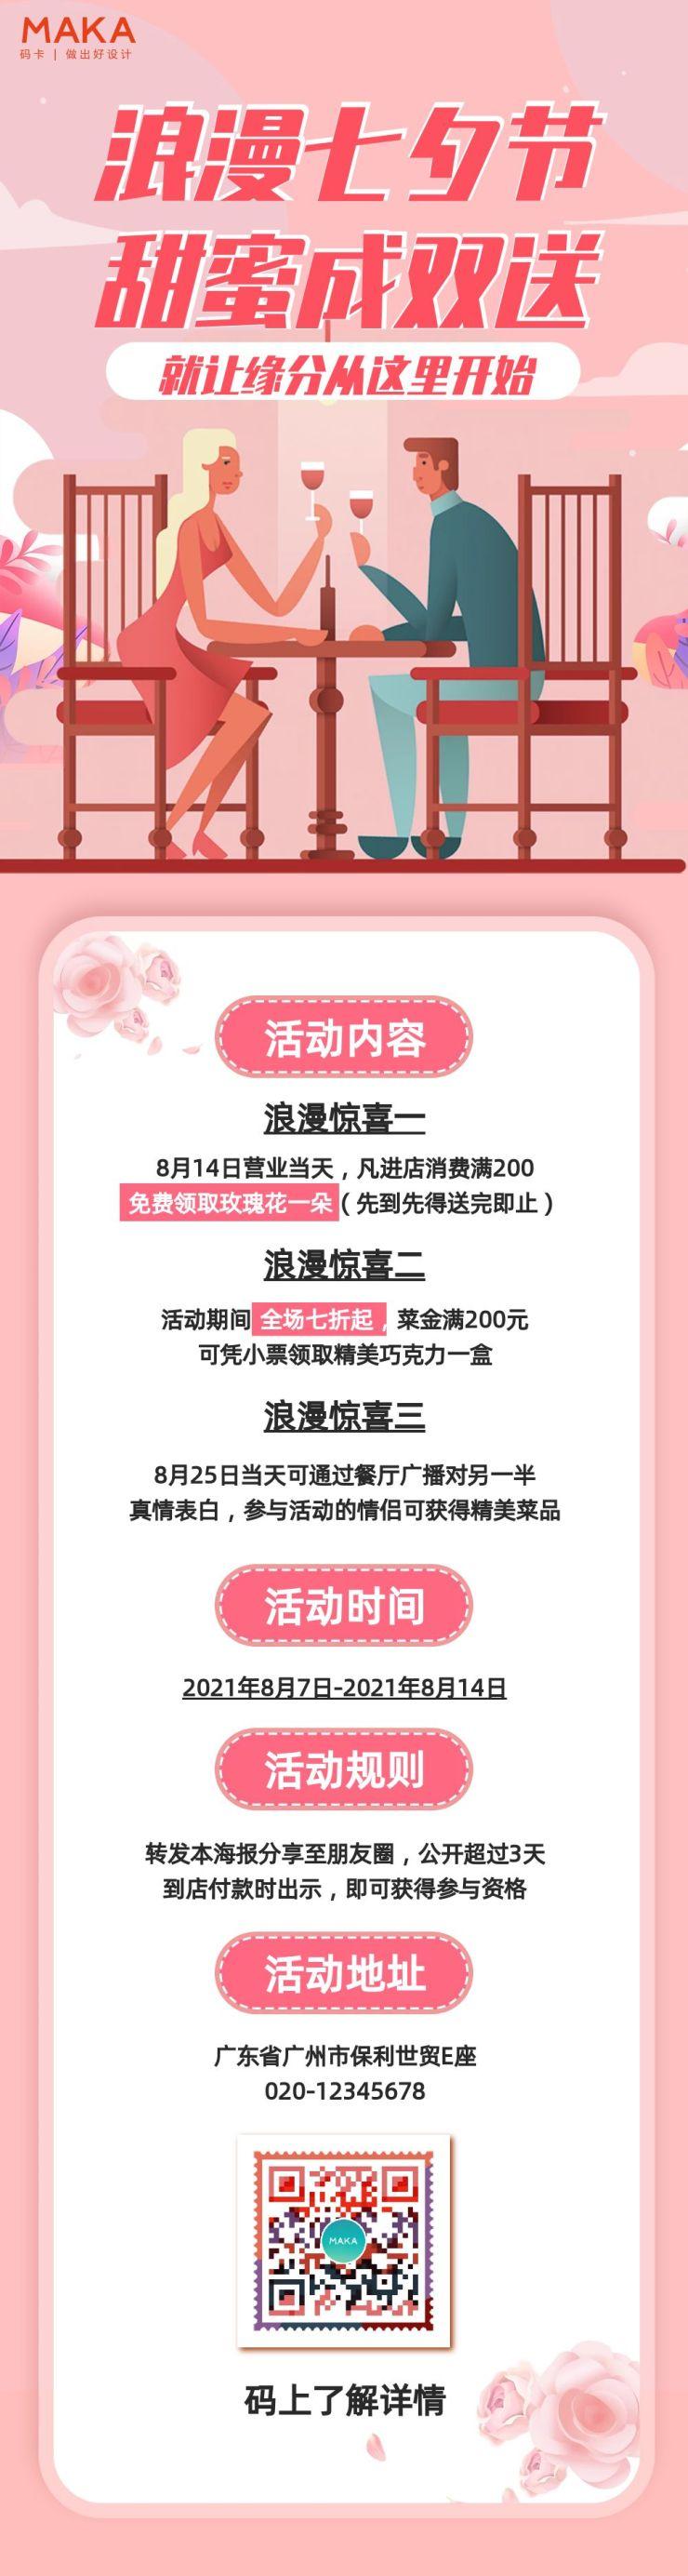 粉色卡通风七夕节餐厅促销宣传长图